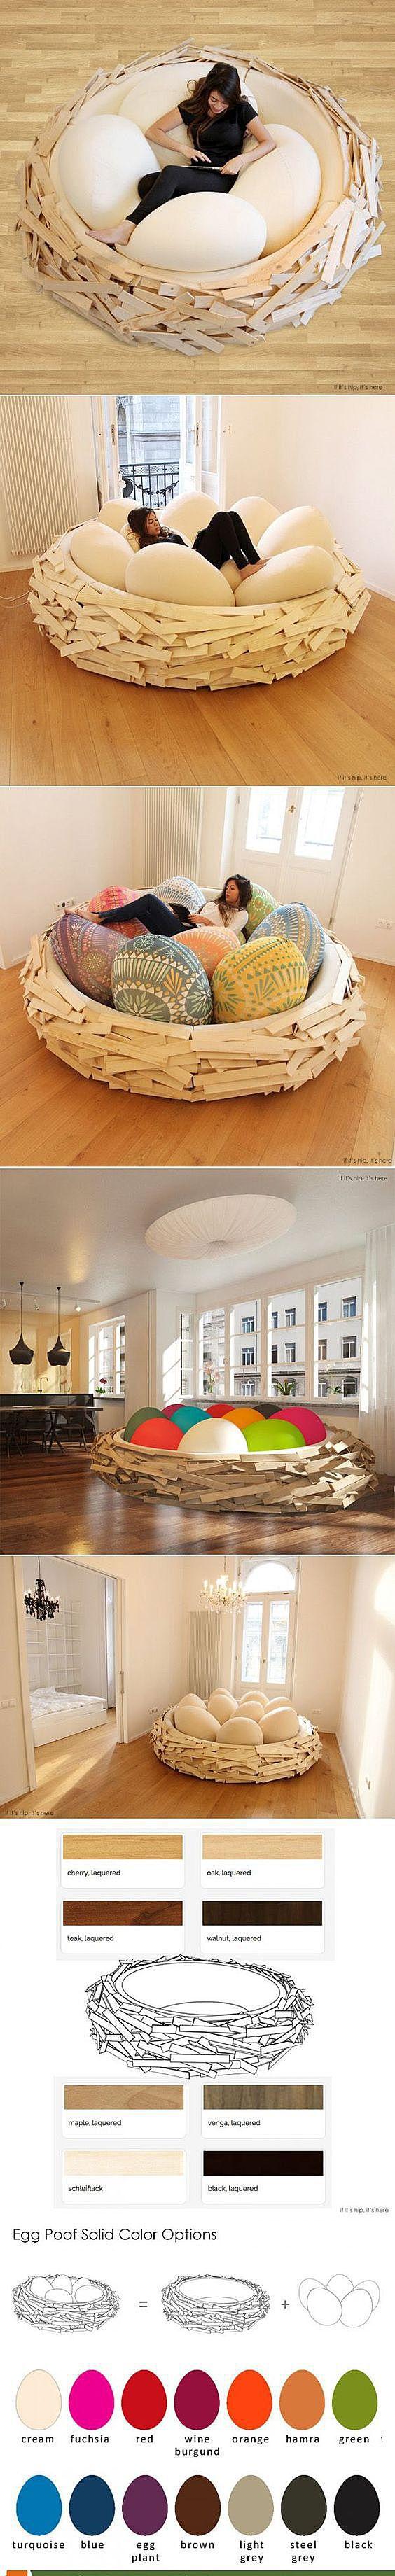 Мягкая мебель в виде гнезда